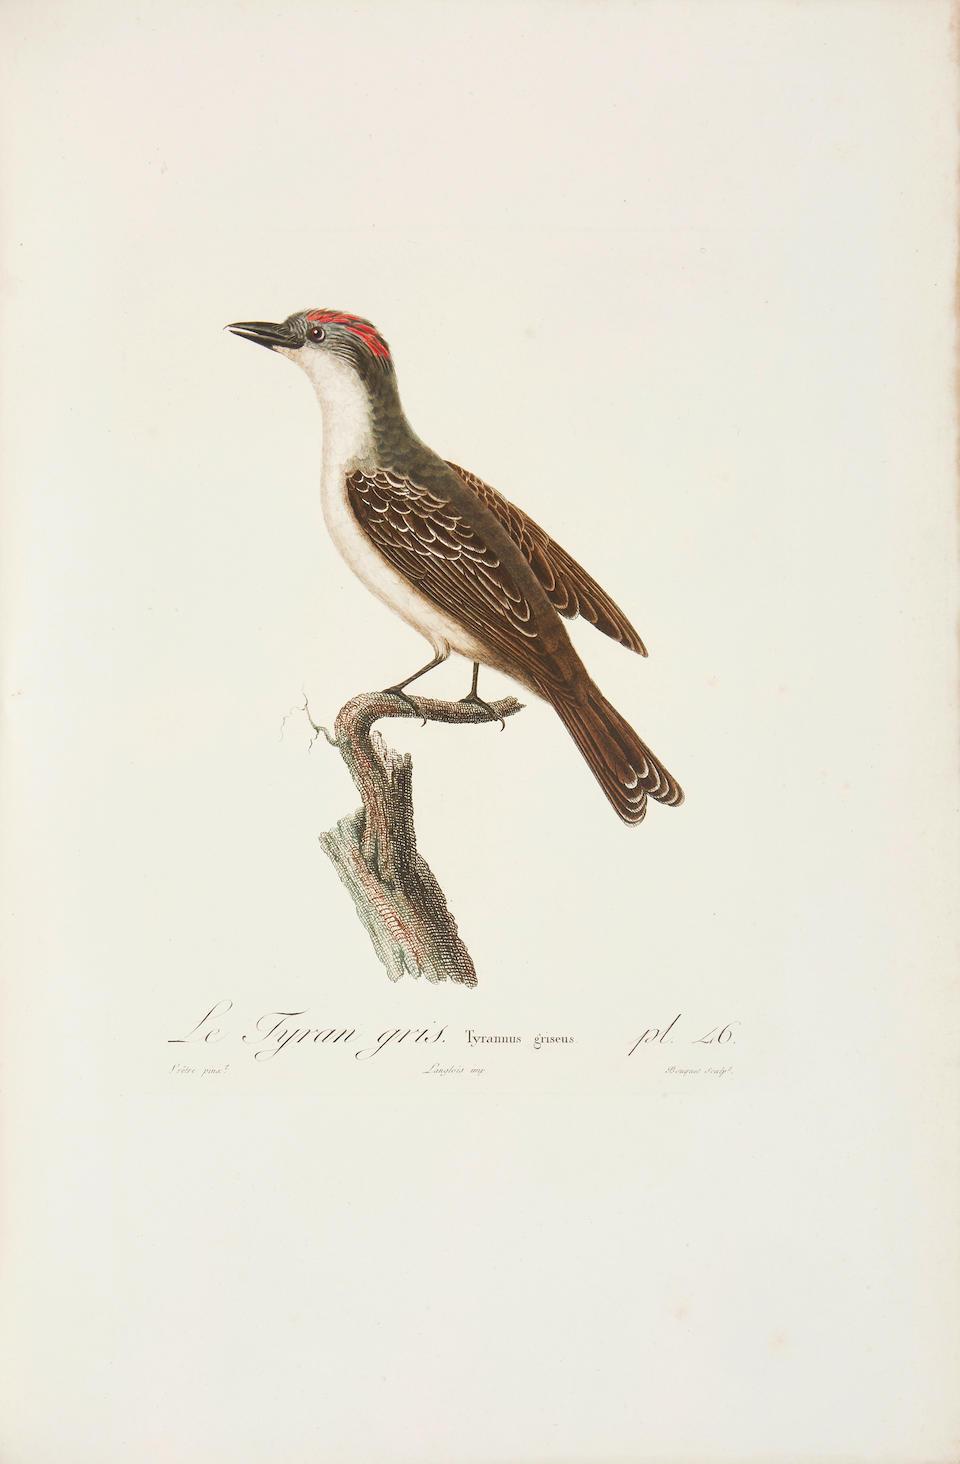 VIELLOT, LOUIS JEAN PIERRE. 1748-1831. Histoire Naturelle des Oiseaux de l'Amerique Septentrionale. Paris: Desray, 1807.